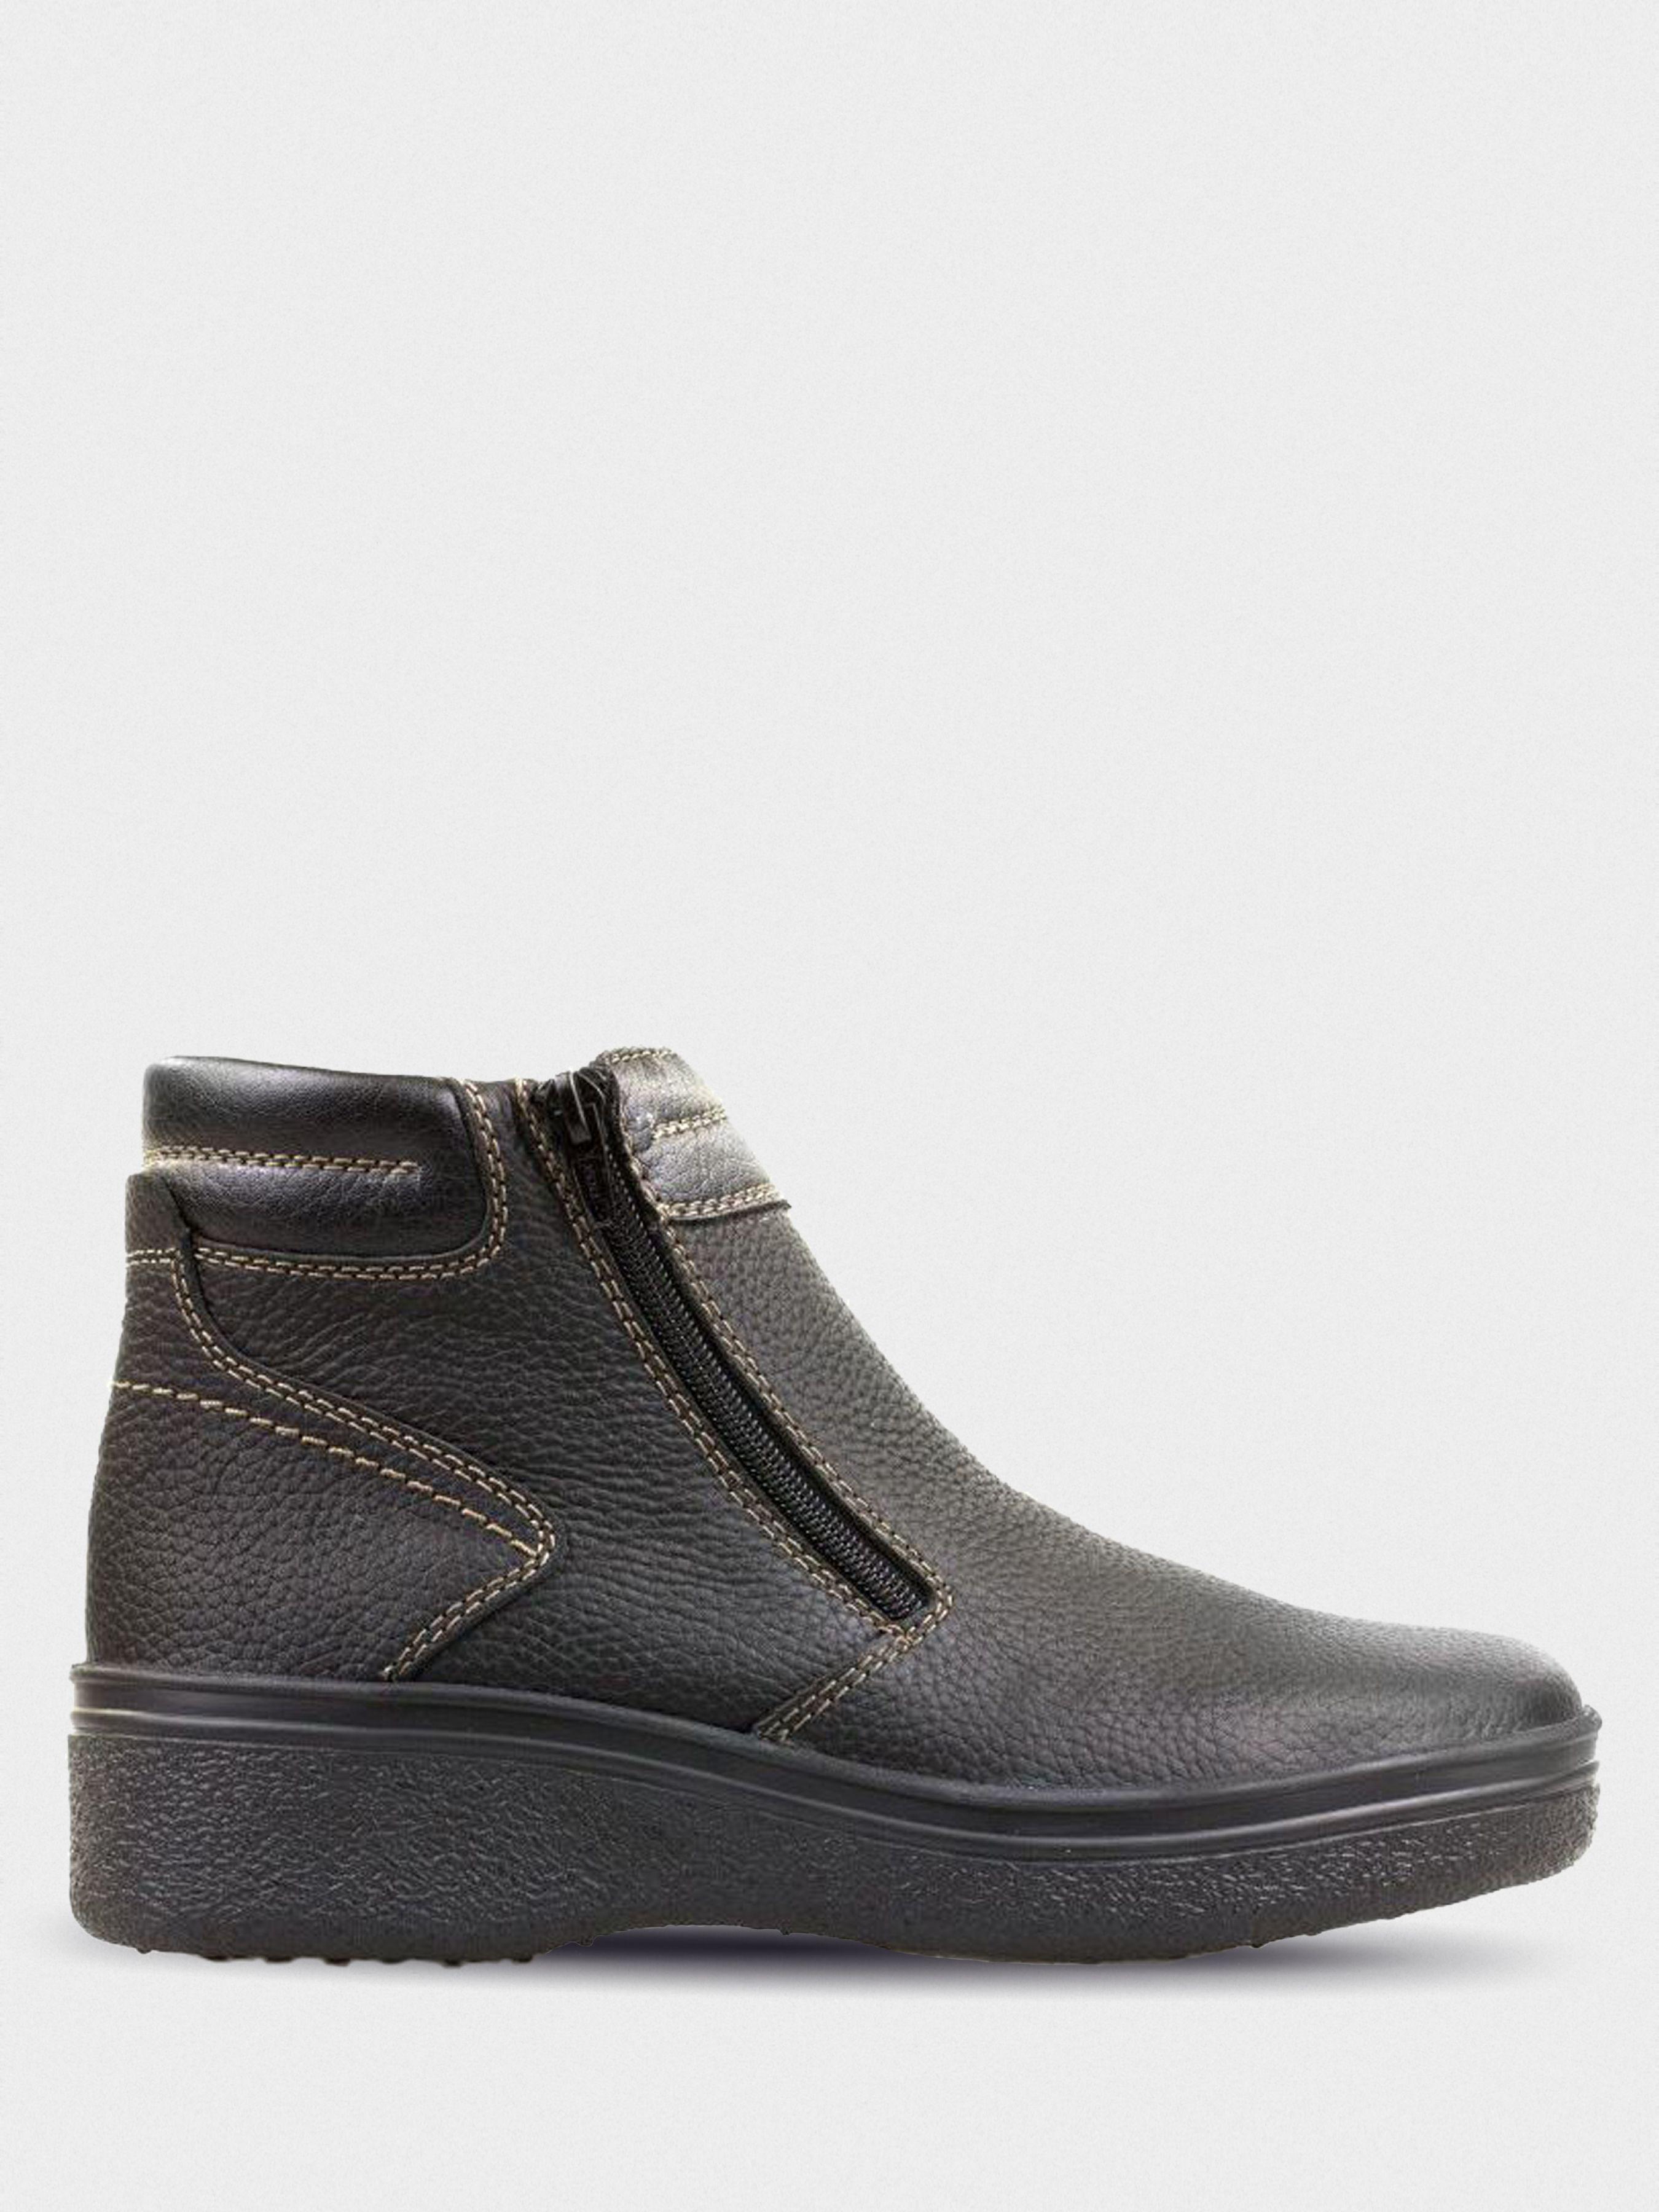 Ботинки для мужчин RIEKER RK548 цена, 2017